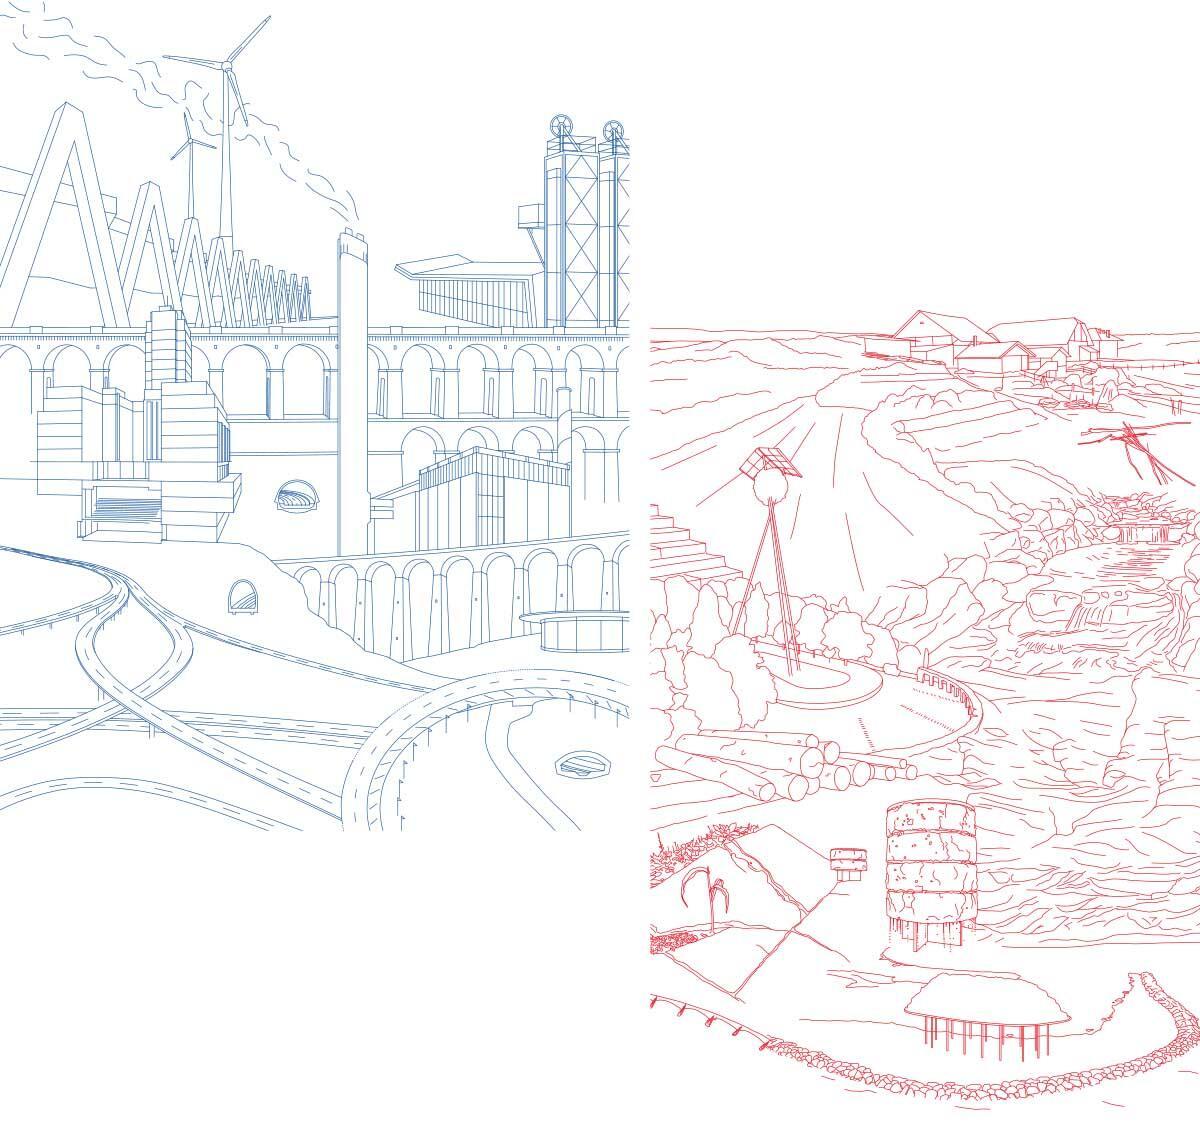 Lausanne Moderne: Das Spektakel einer Stadt, die ihre Topografie dominiert. Illustration: Oscar Gential